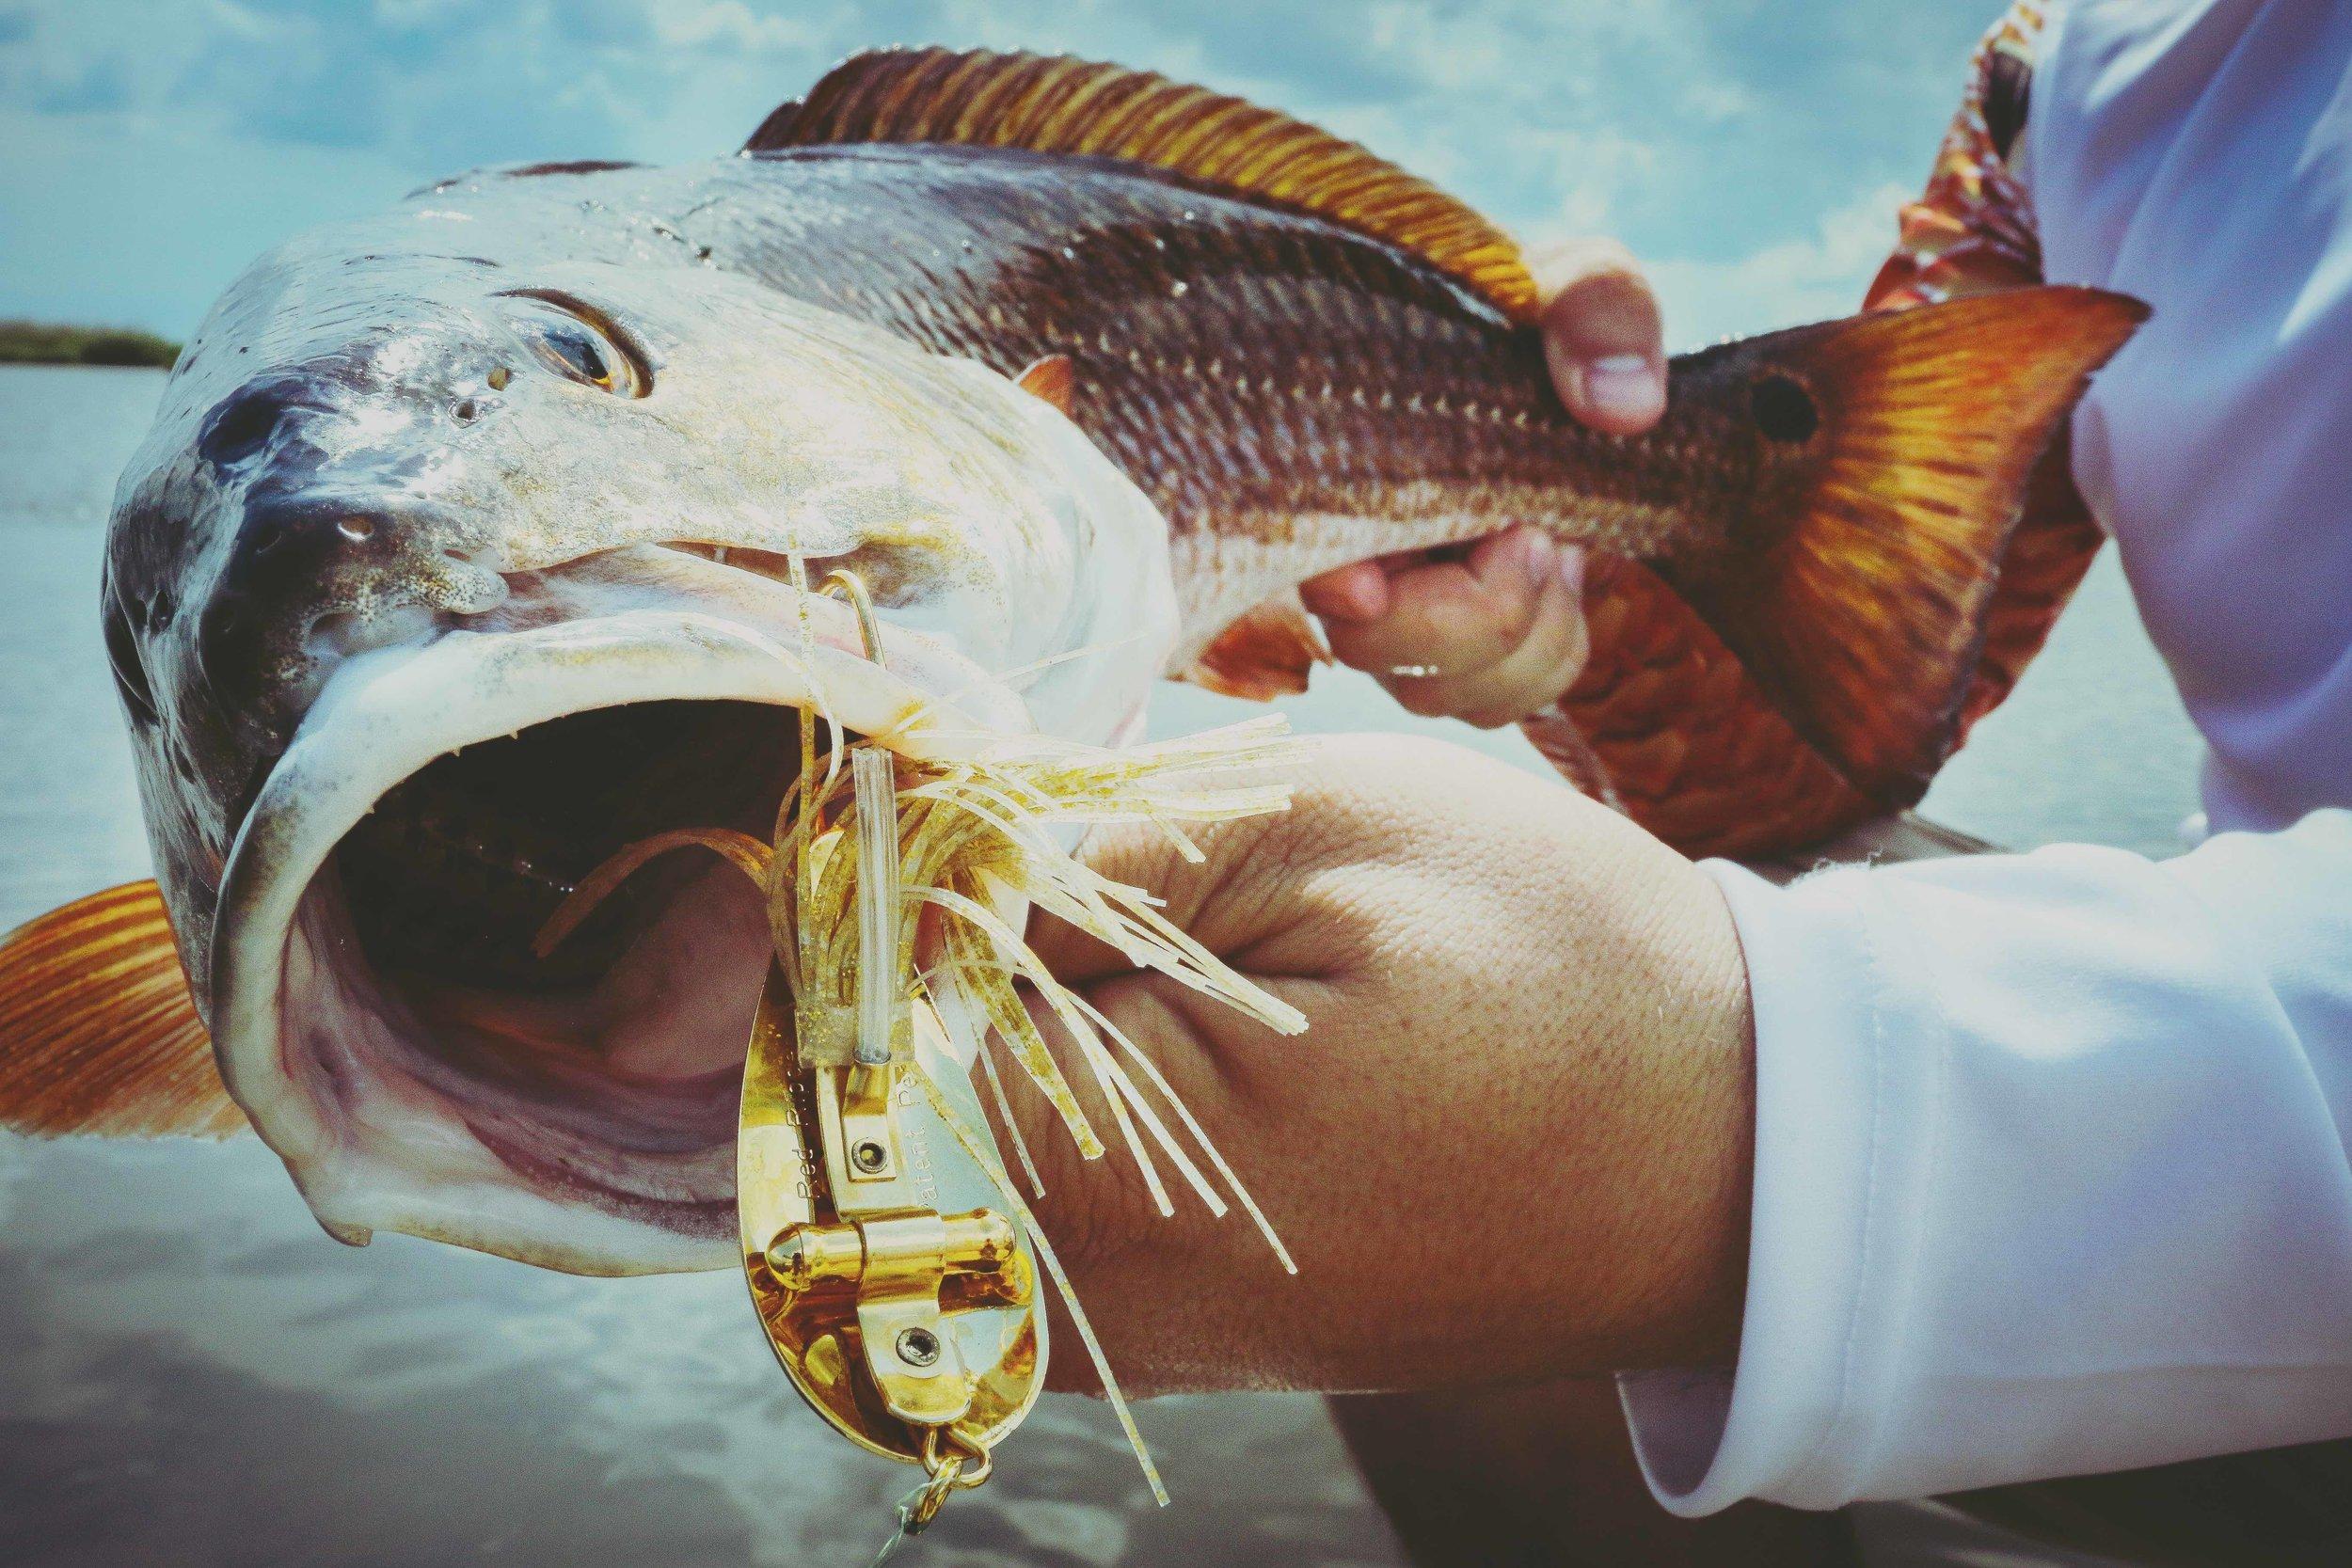 REdfish cover photo.jpg